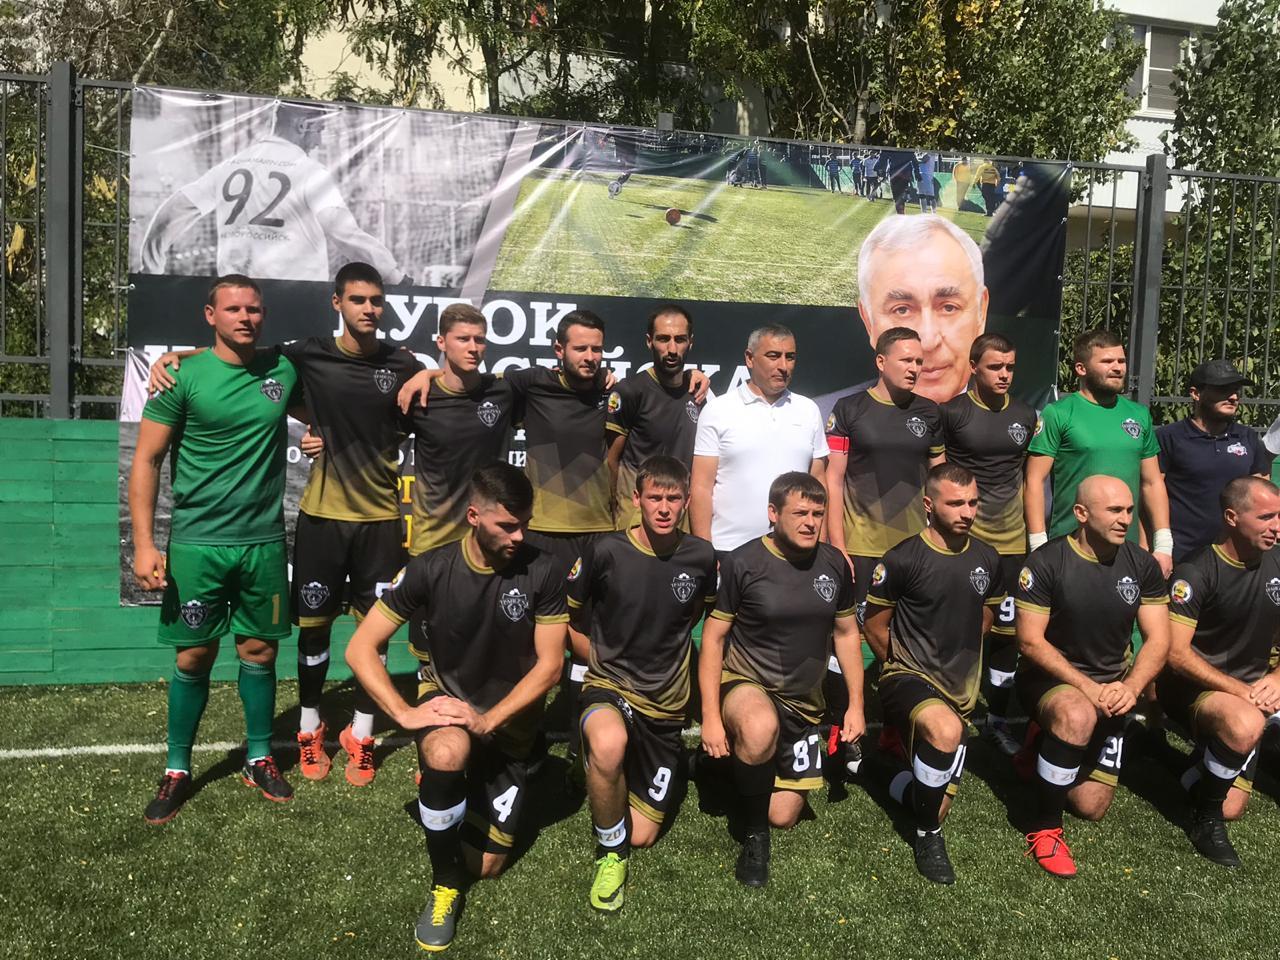 В Новороссийске стартовал футбольный турнир на обновленной спортплощадке